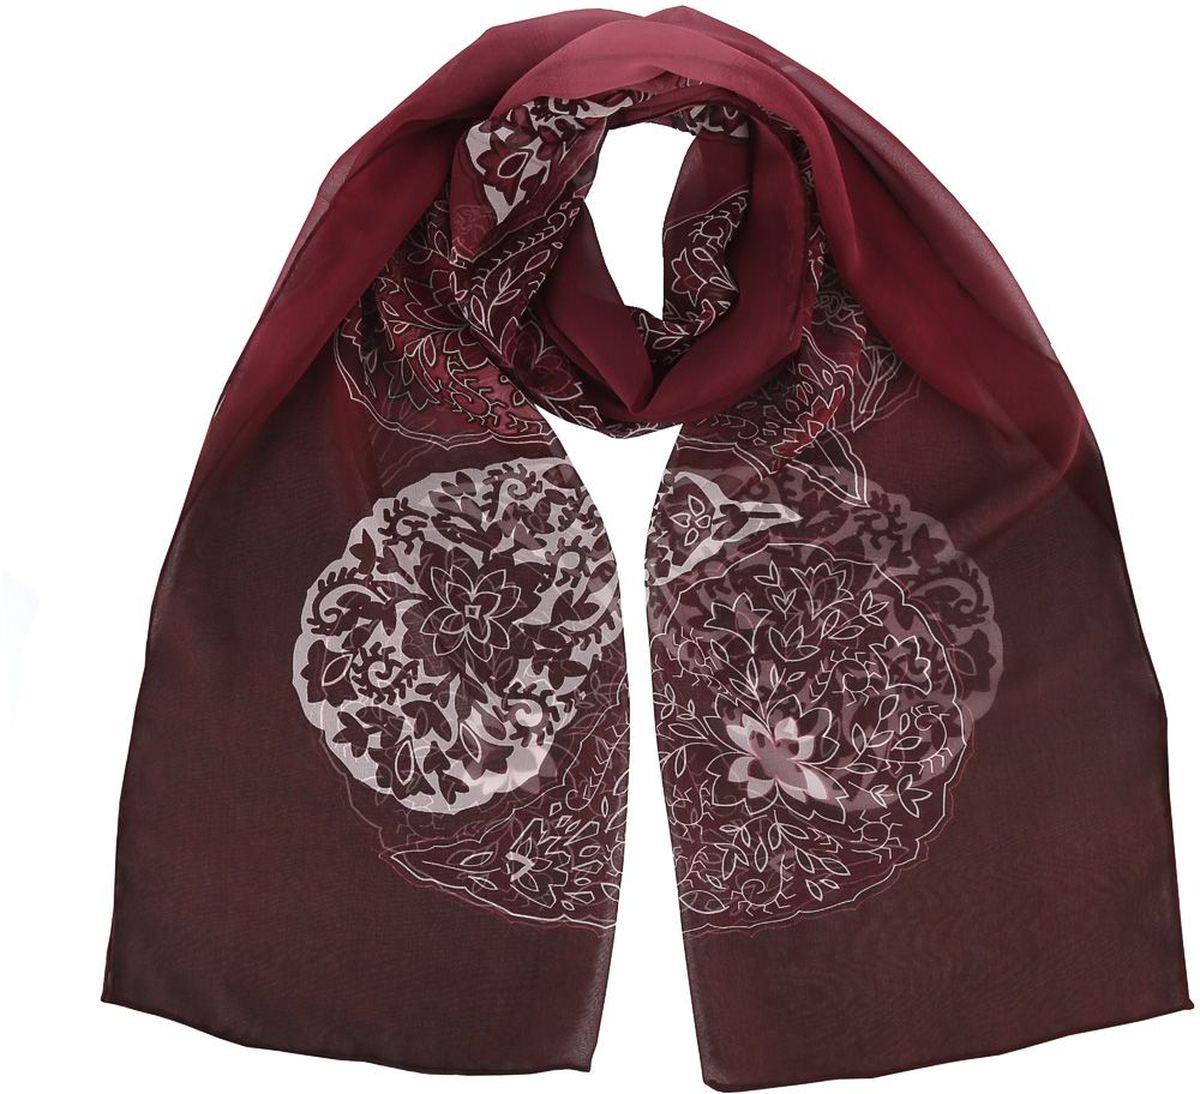 Шарф женский Fabretti, цвет: бордовый, коричневый. 14YL053-A. Размер 175 см х 55 см14YL053-AЧудесный аксессуар для современной леди - эффектный шарф из шелка. Оформлен оригинальным принтом.